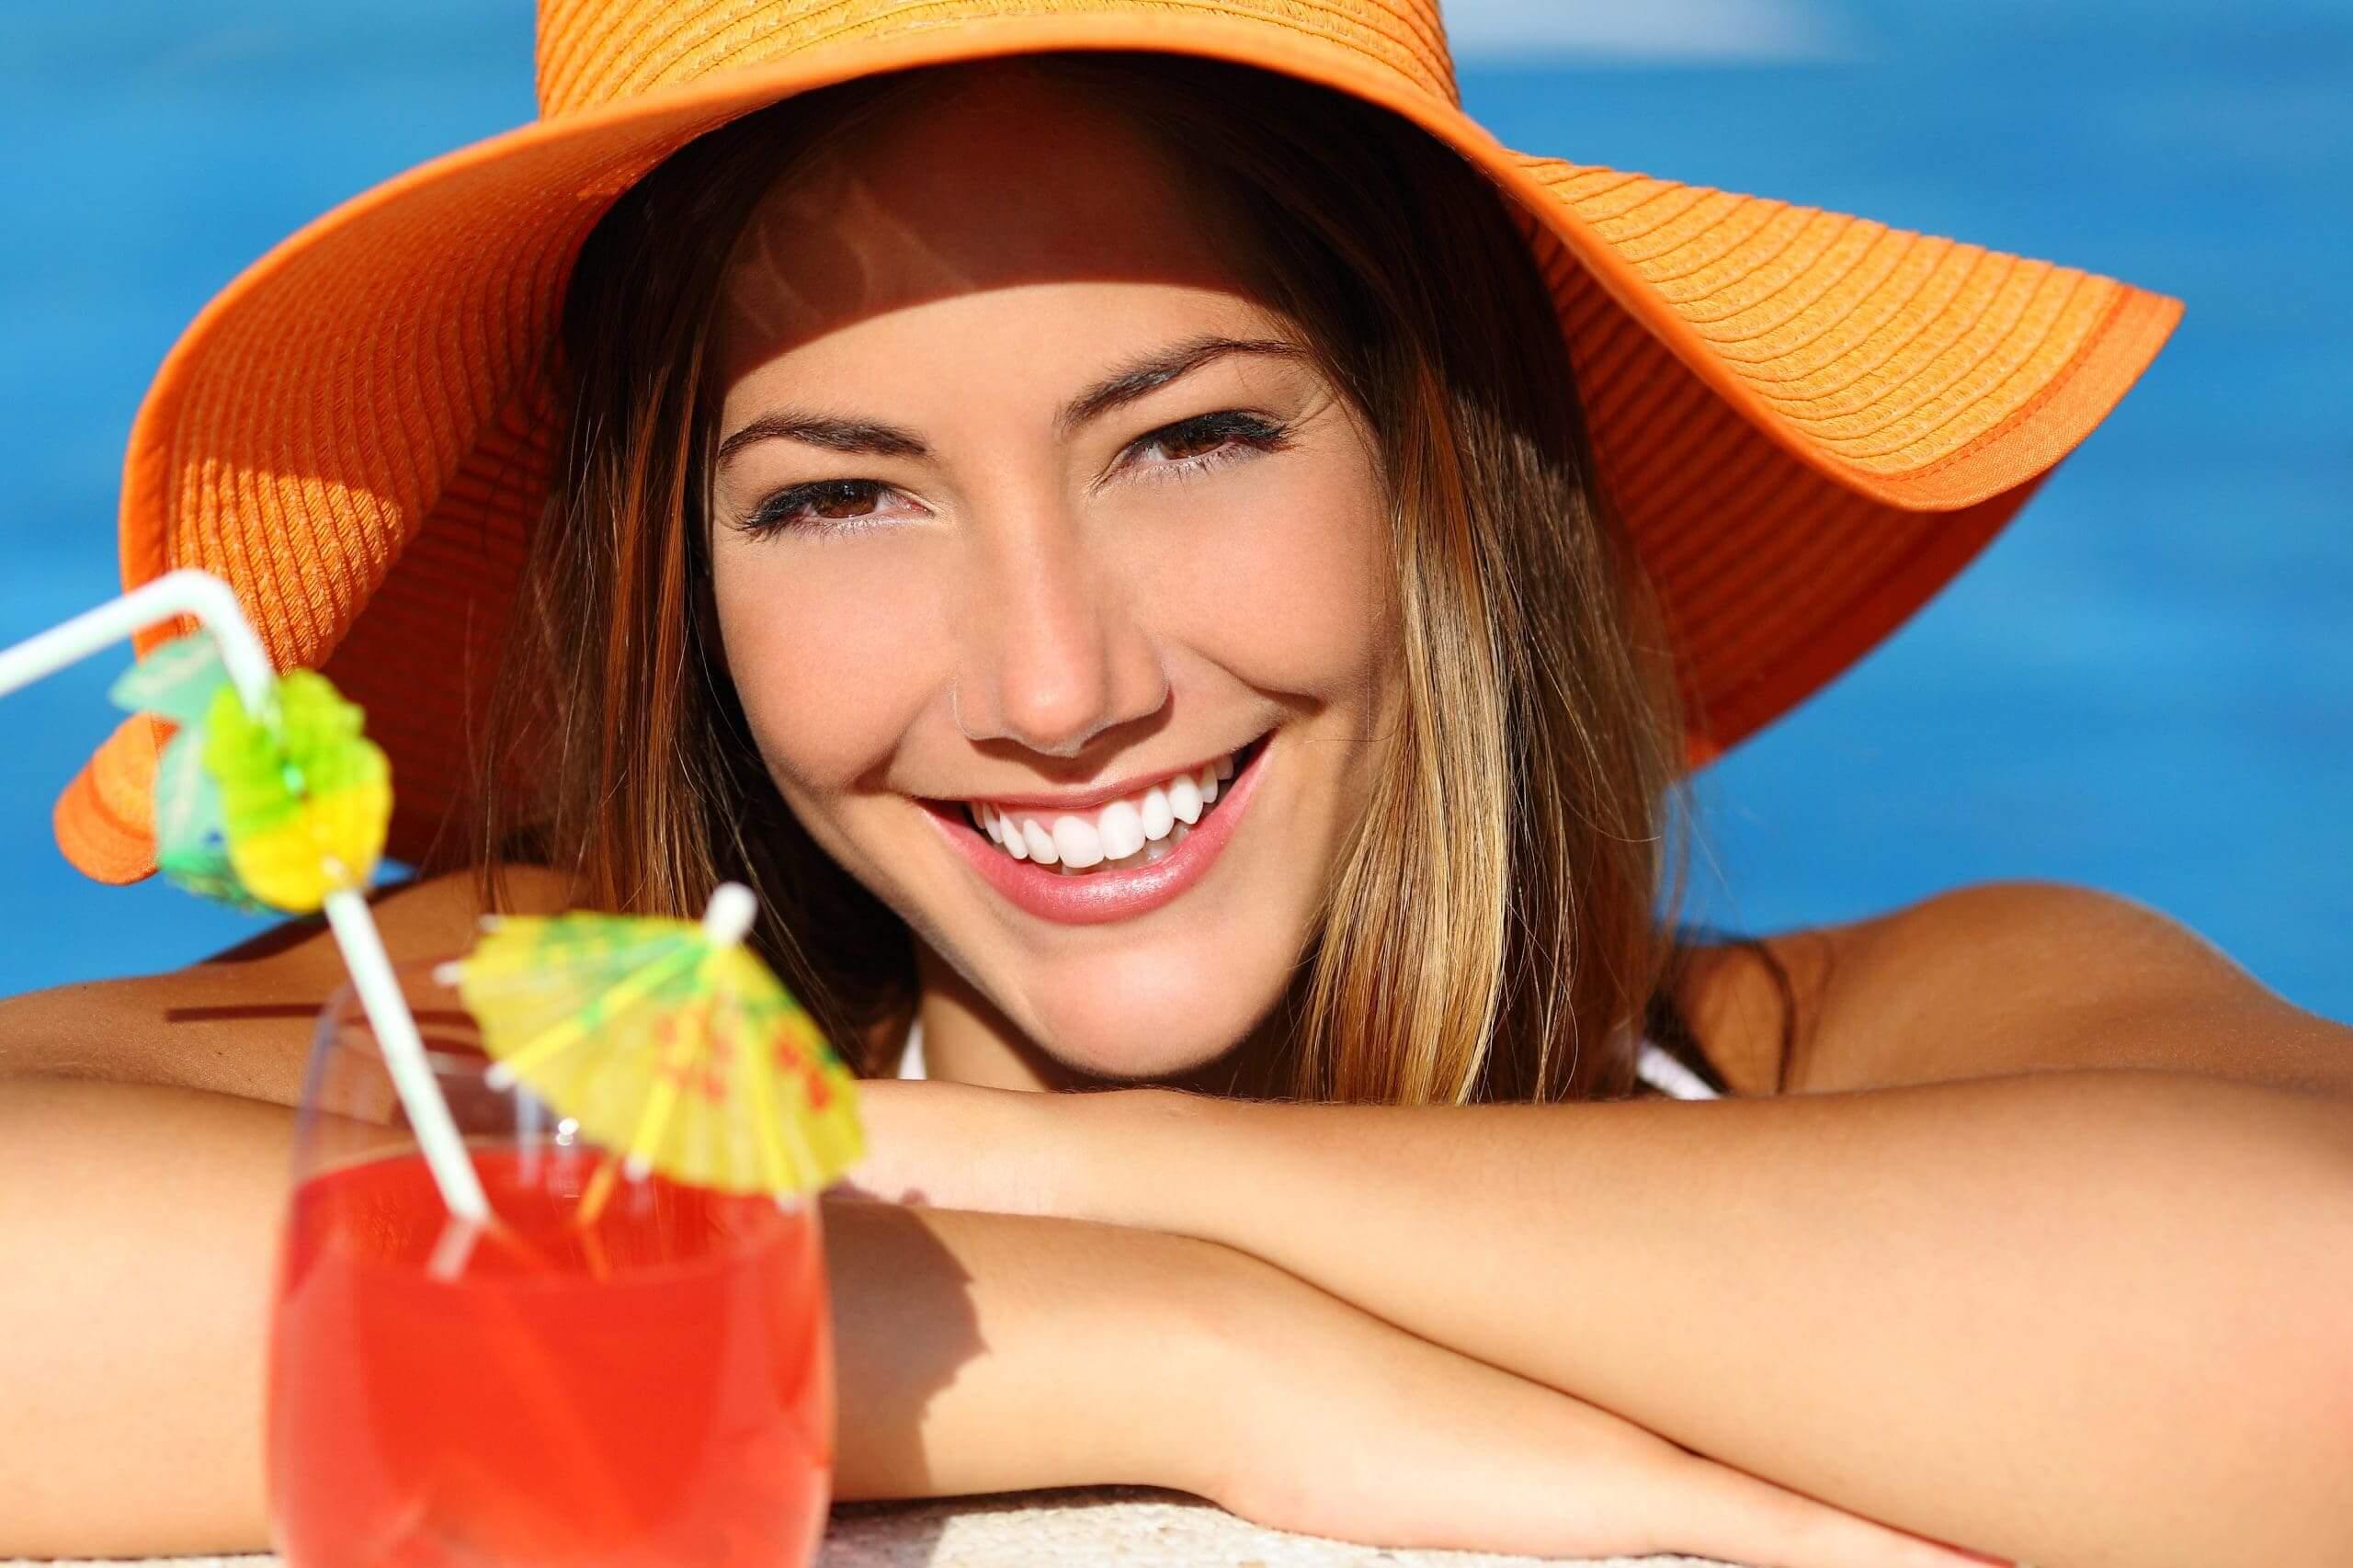 cuida tu salud bucodental en verano